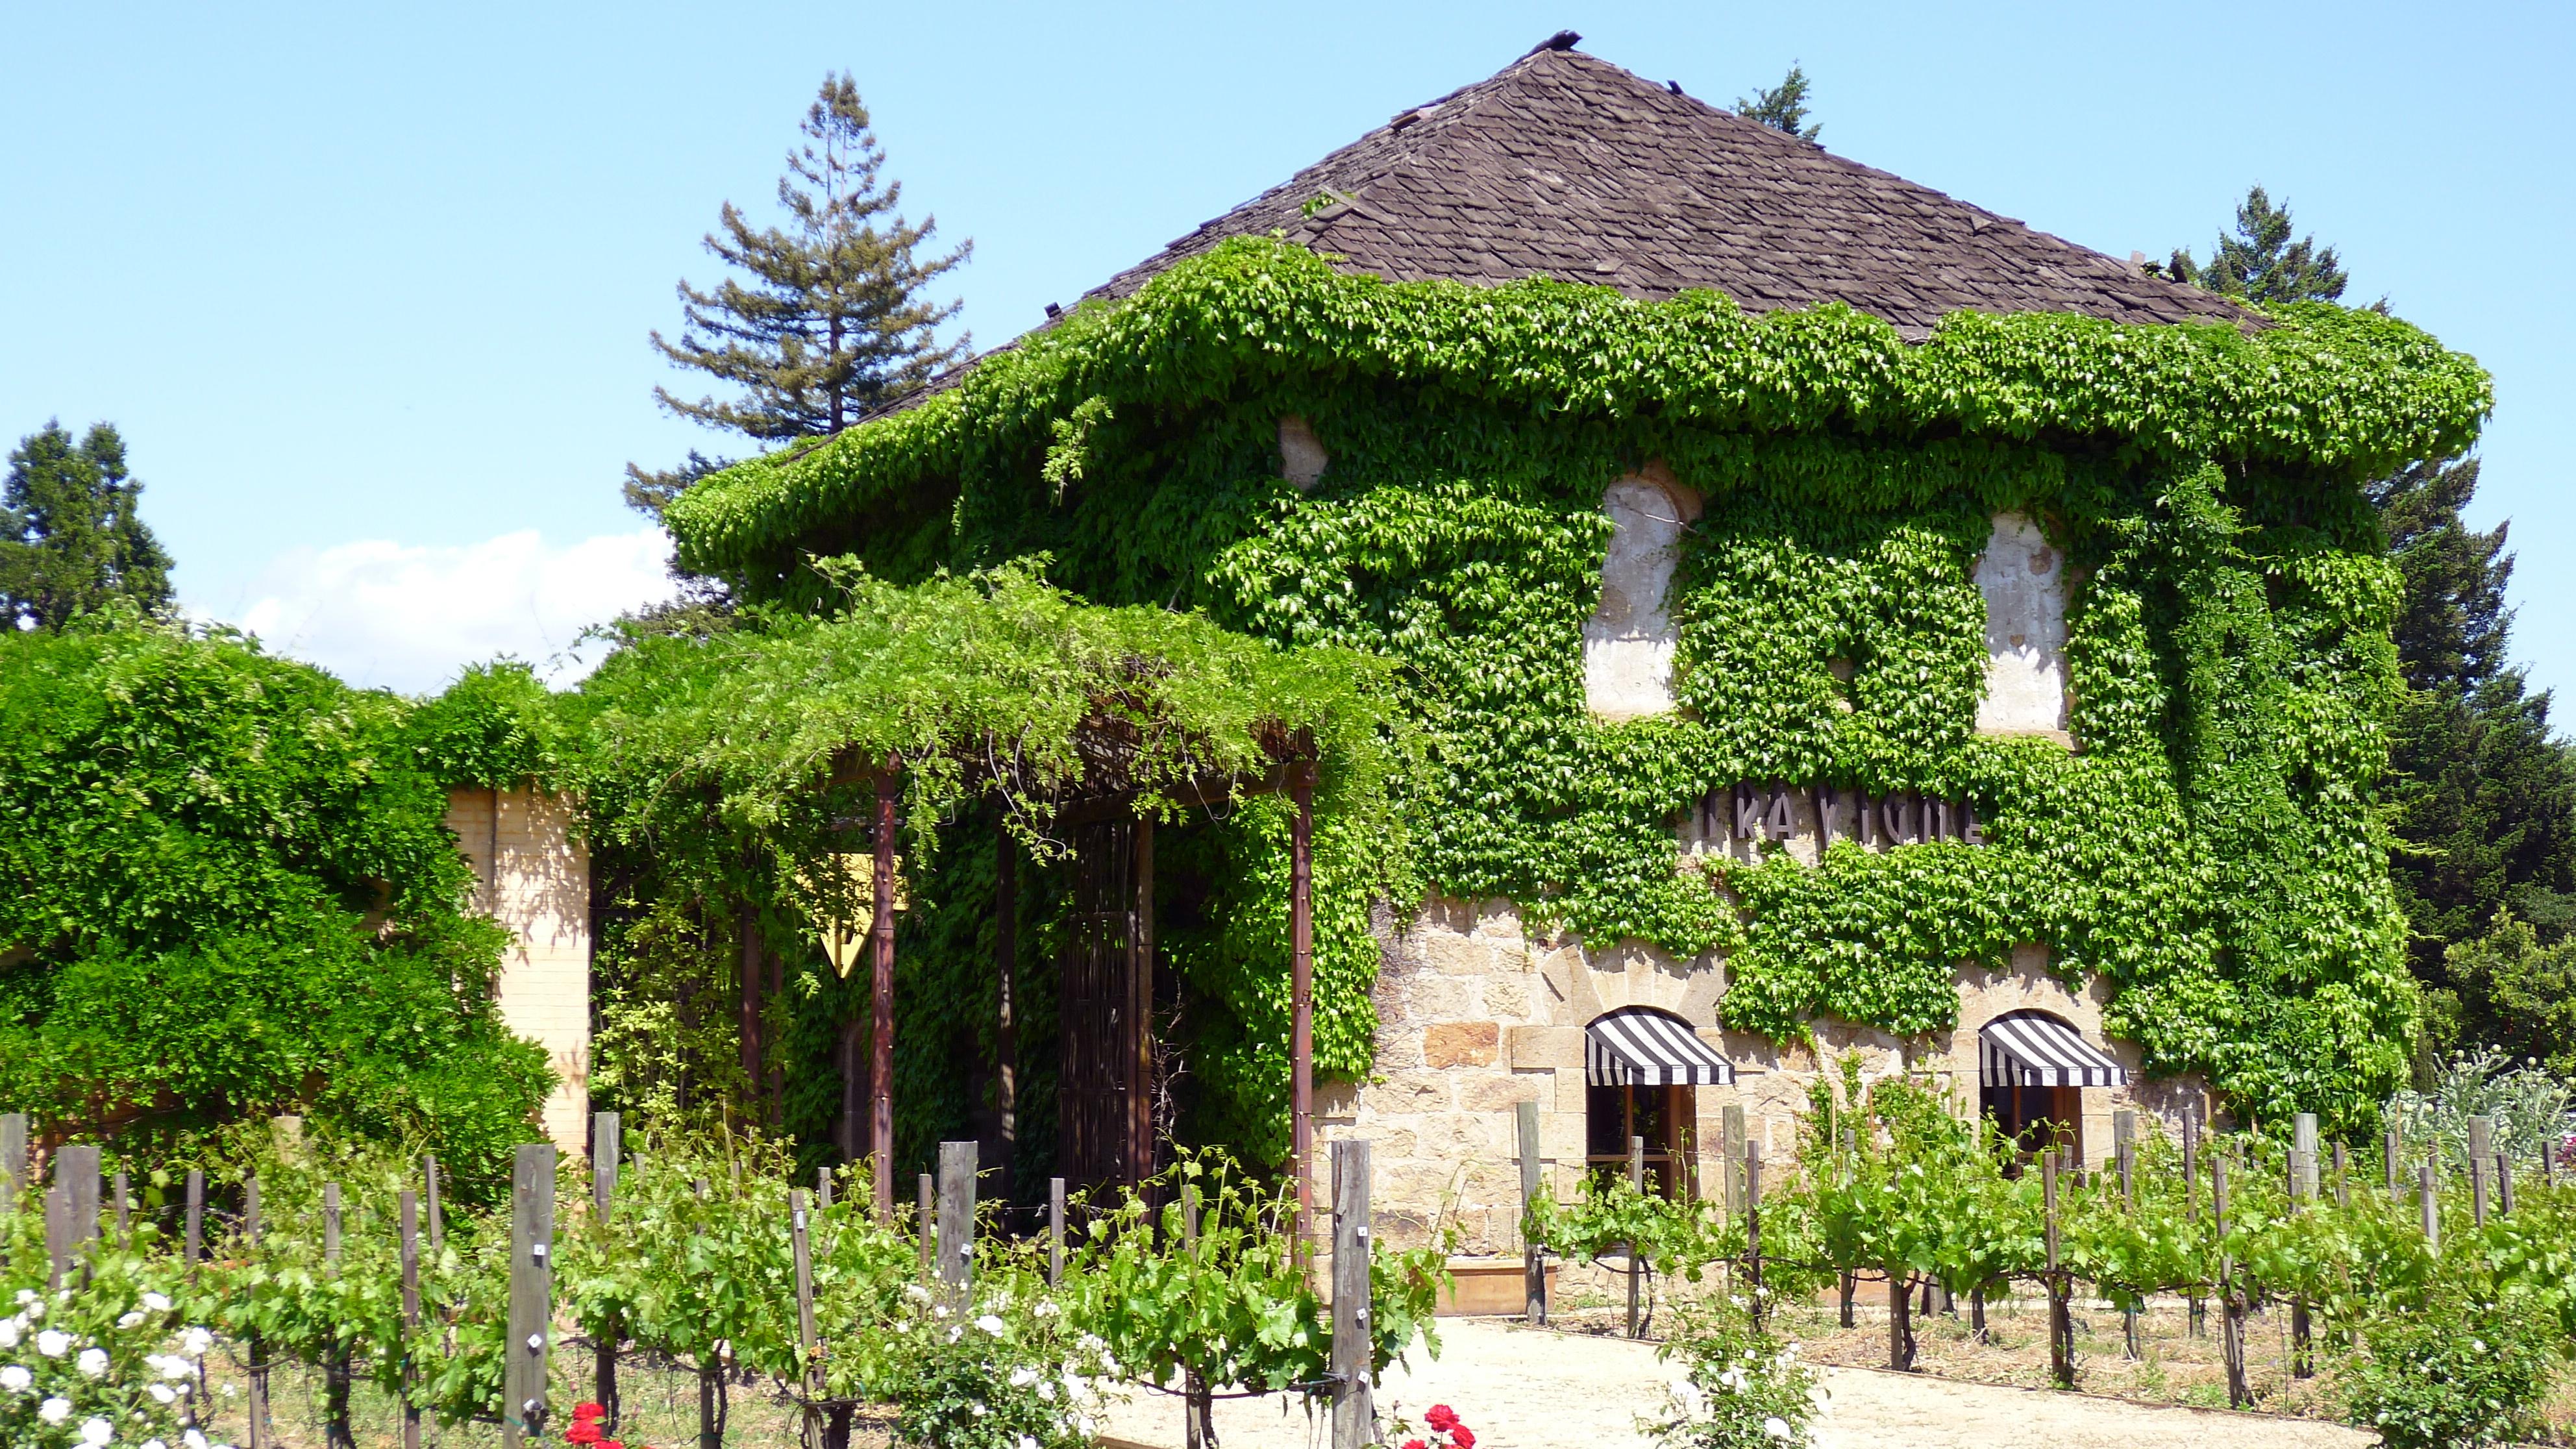 ivy clad building